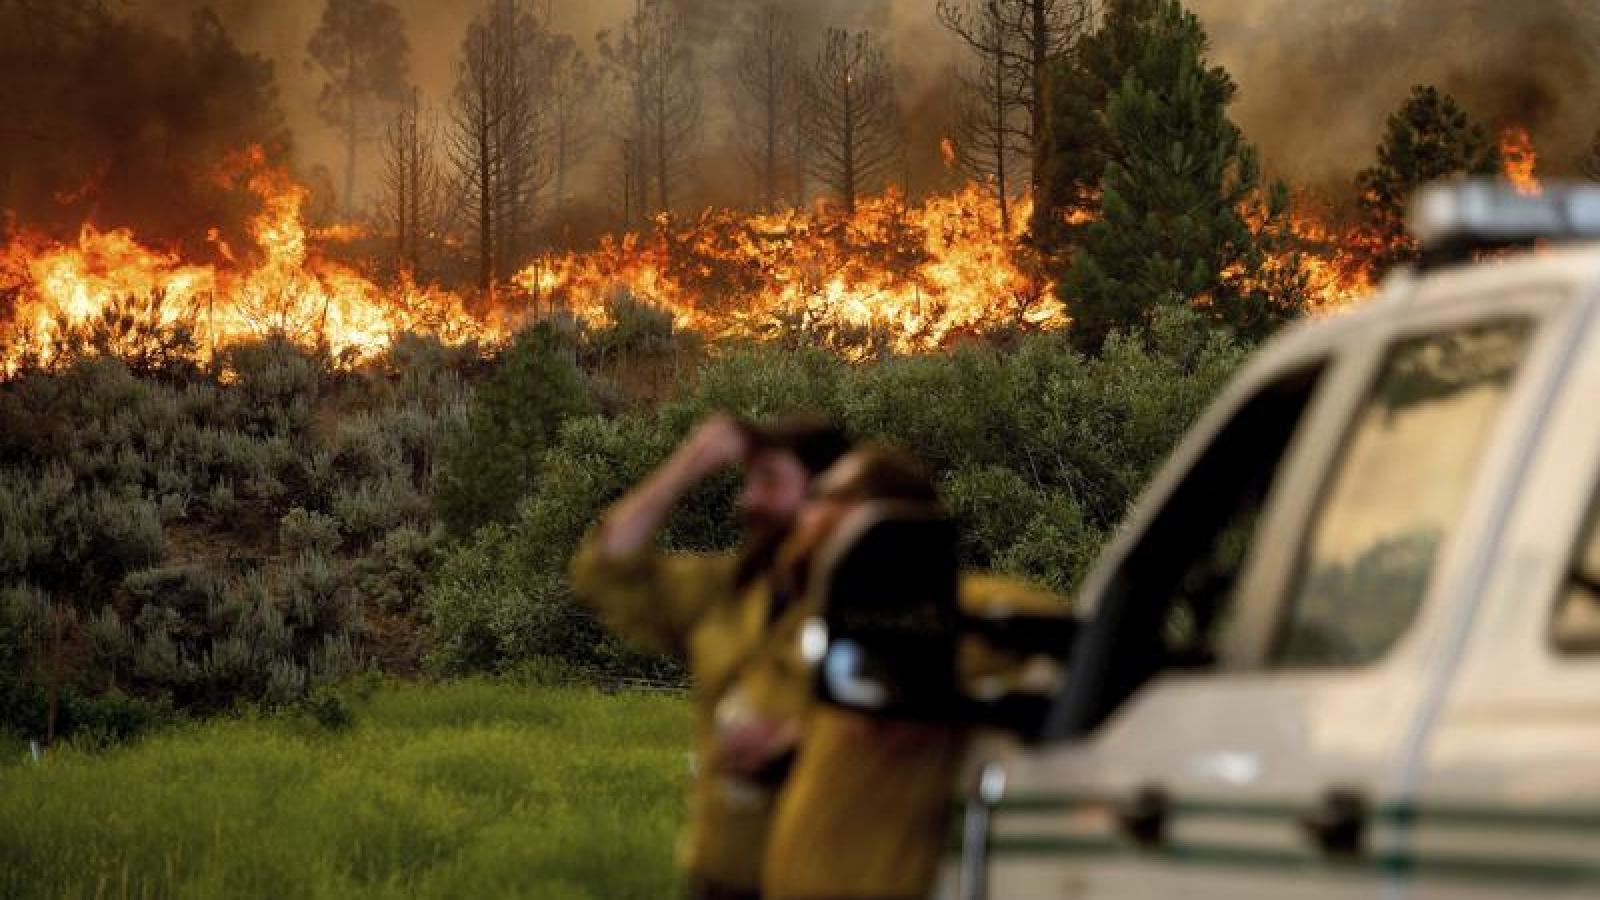 Nước từ máy bay chưa chạm đất đã bốc hơi, cháy rừng ở Mỹ gần như mất kiểm soát